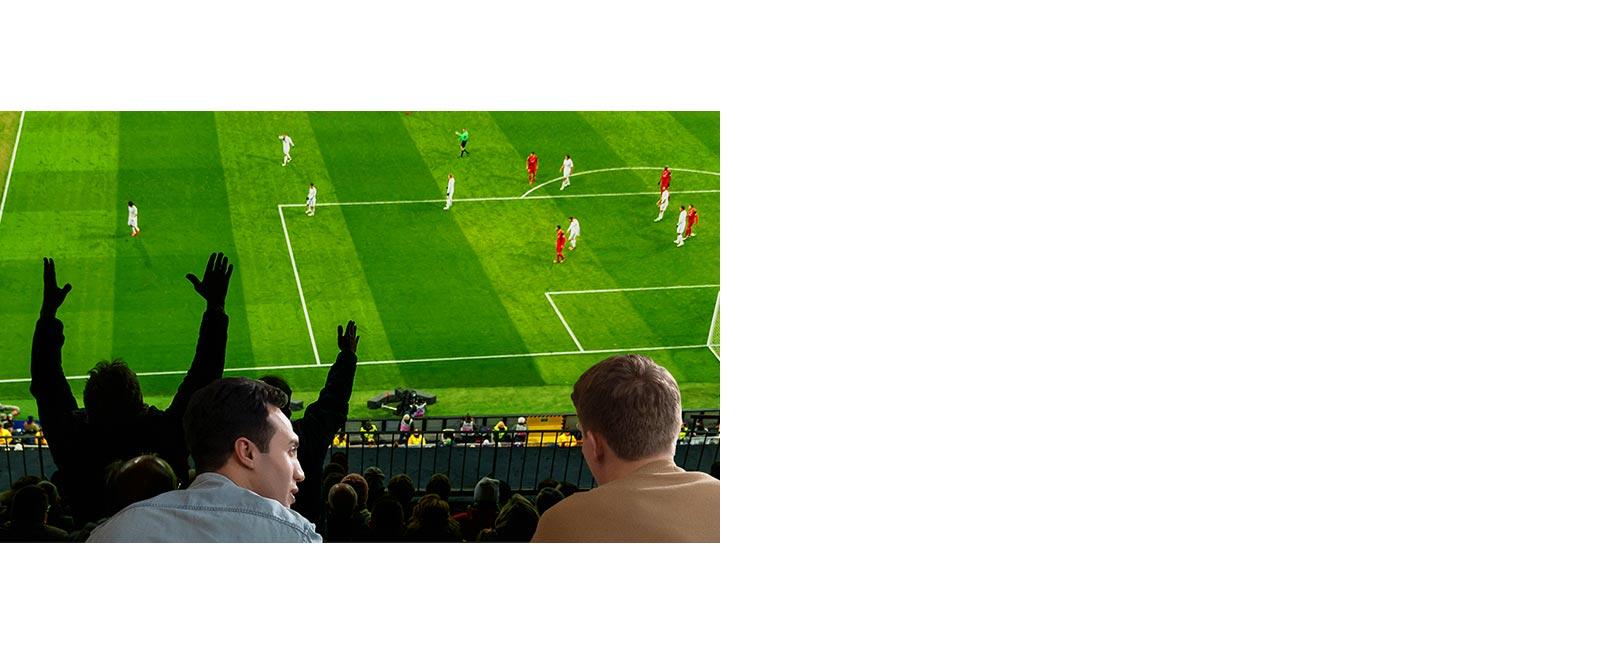 猶如坐在真正的體育場觀看比賽1